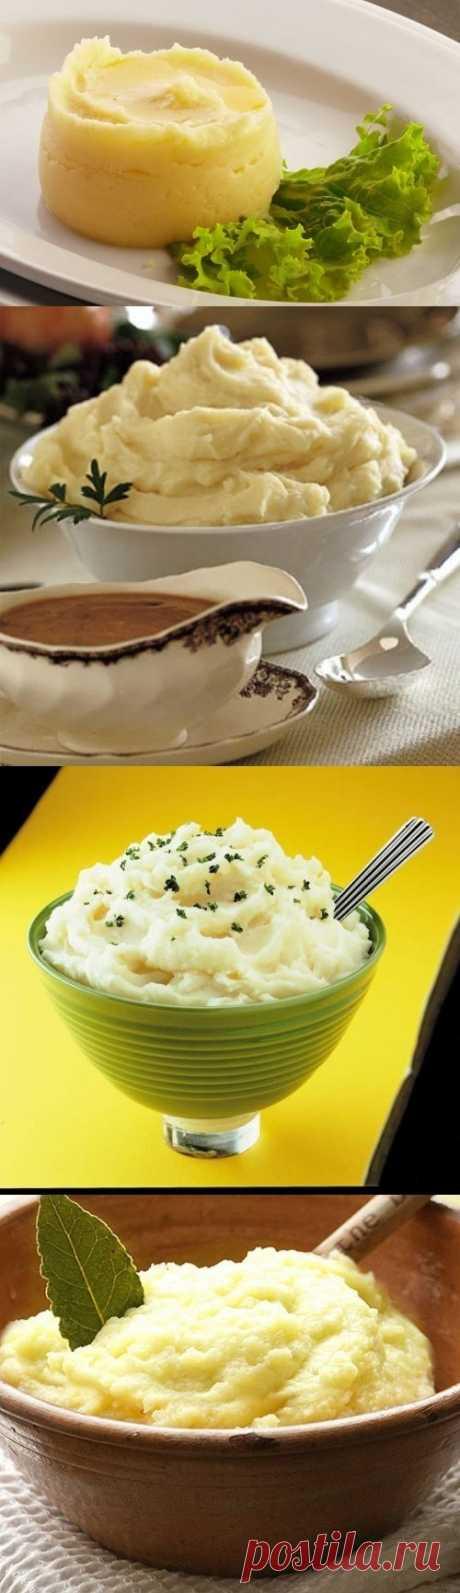 Как правильно готовить картофельное пюре (для получения рецепта нажмите 2 раза на картинку)